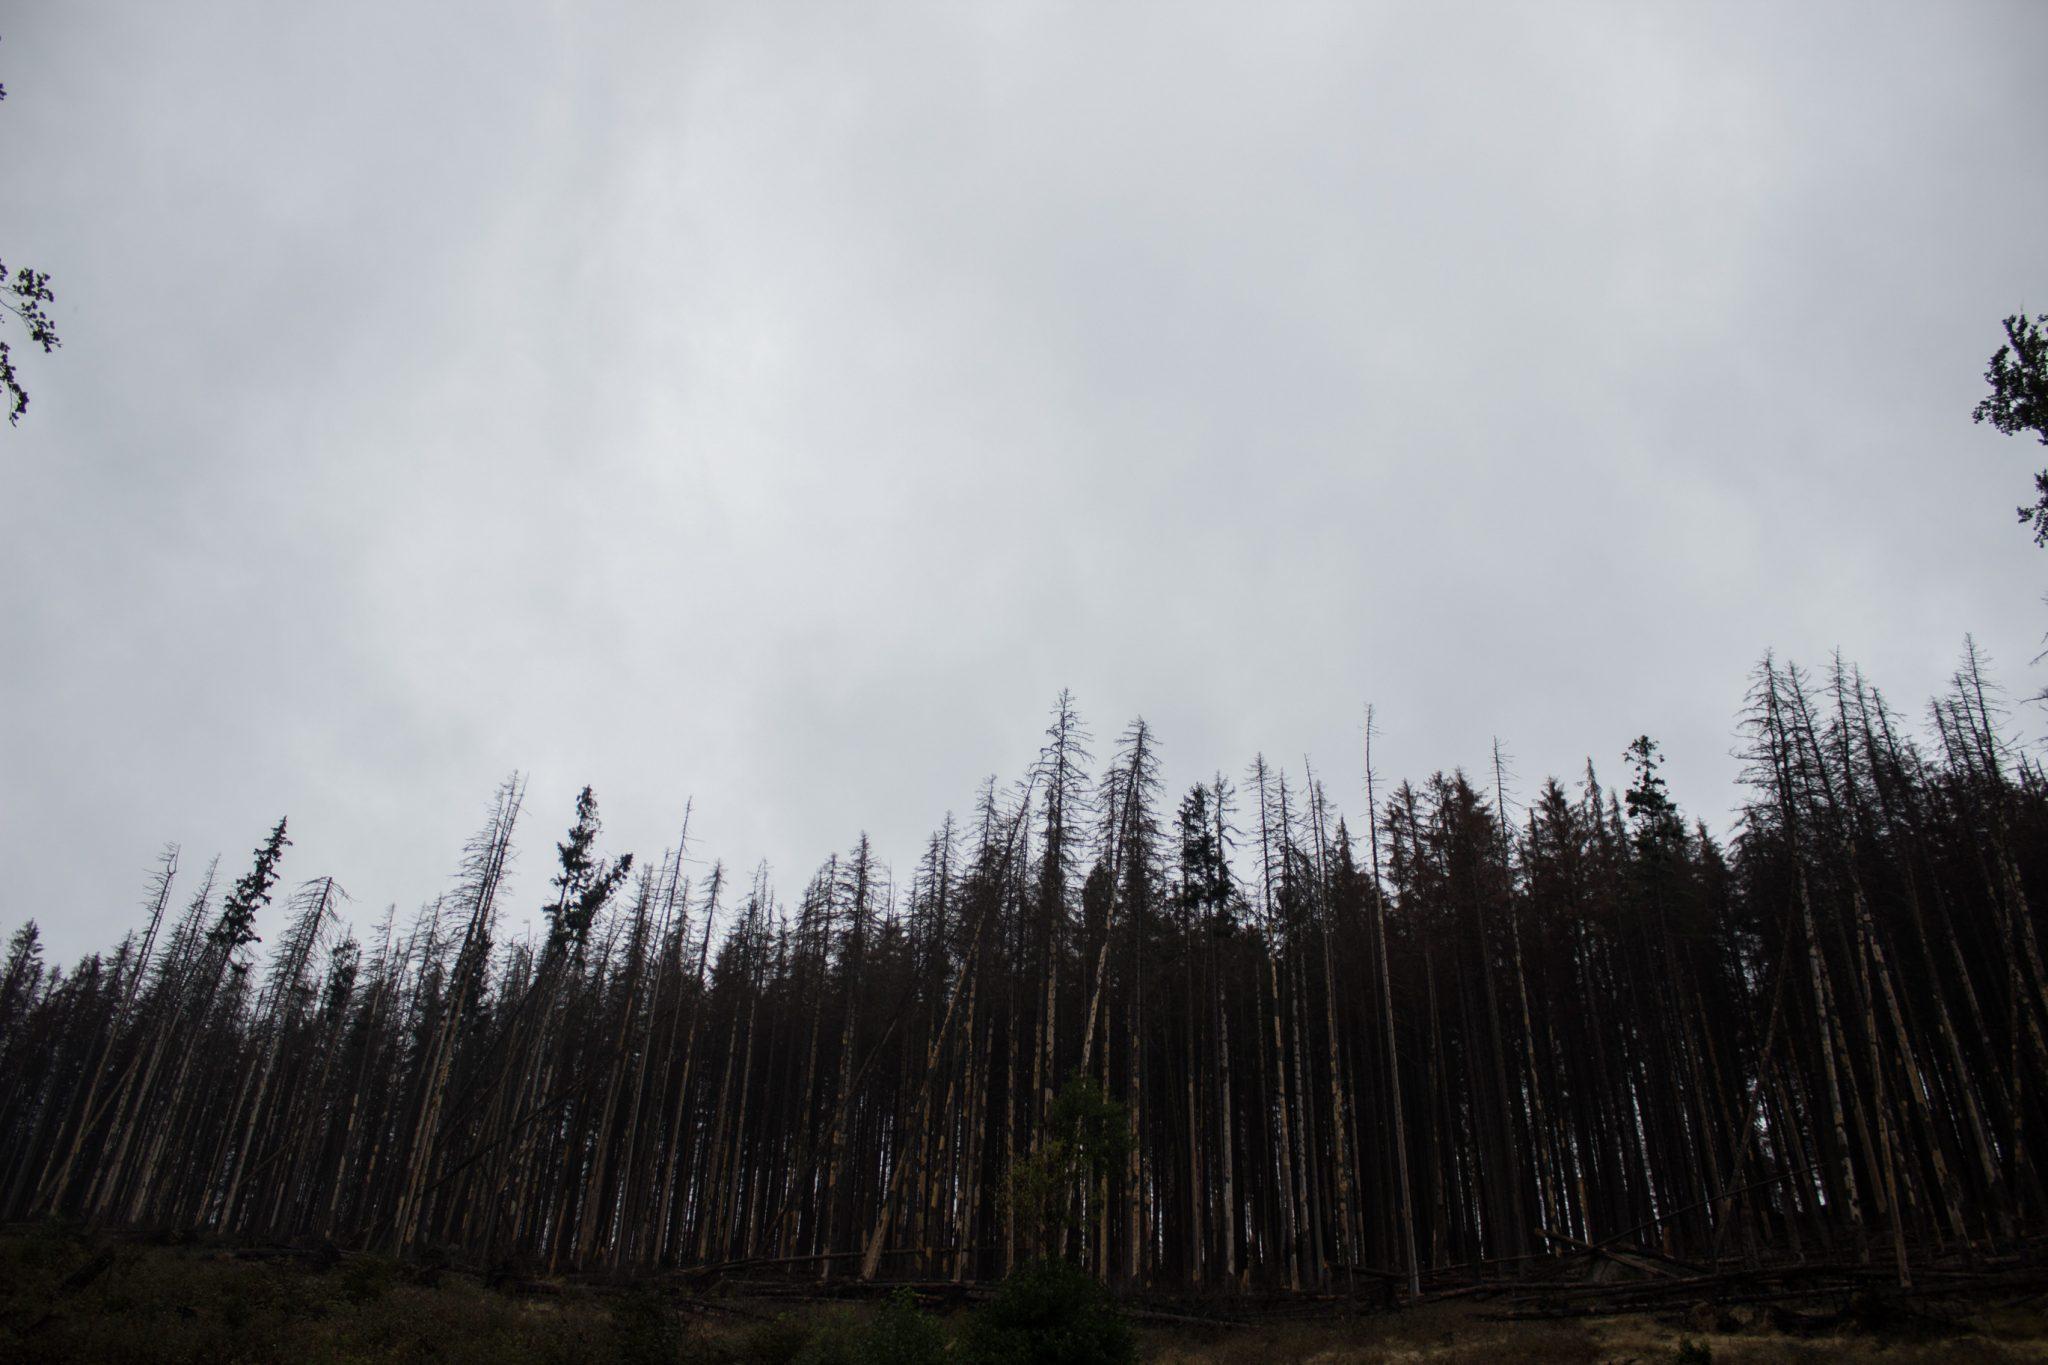 Wanderung Brocken über Heinrich-Heine-Weg Start in Ilsenburg, Nationalpark Harz, von Borkenkäfer zerstörter Wald, triste Stimmung